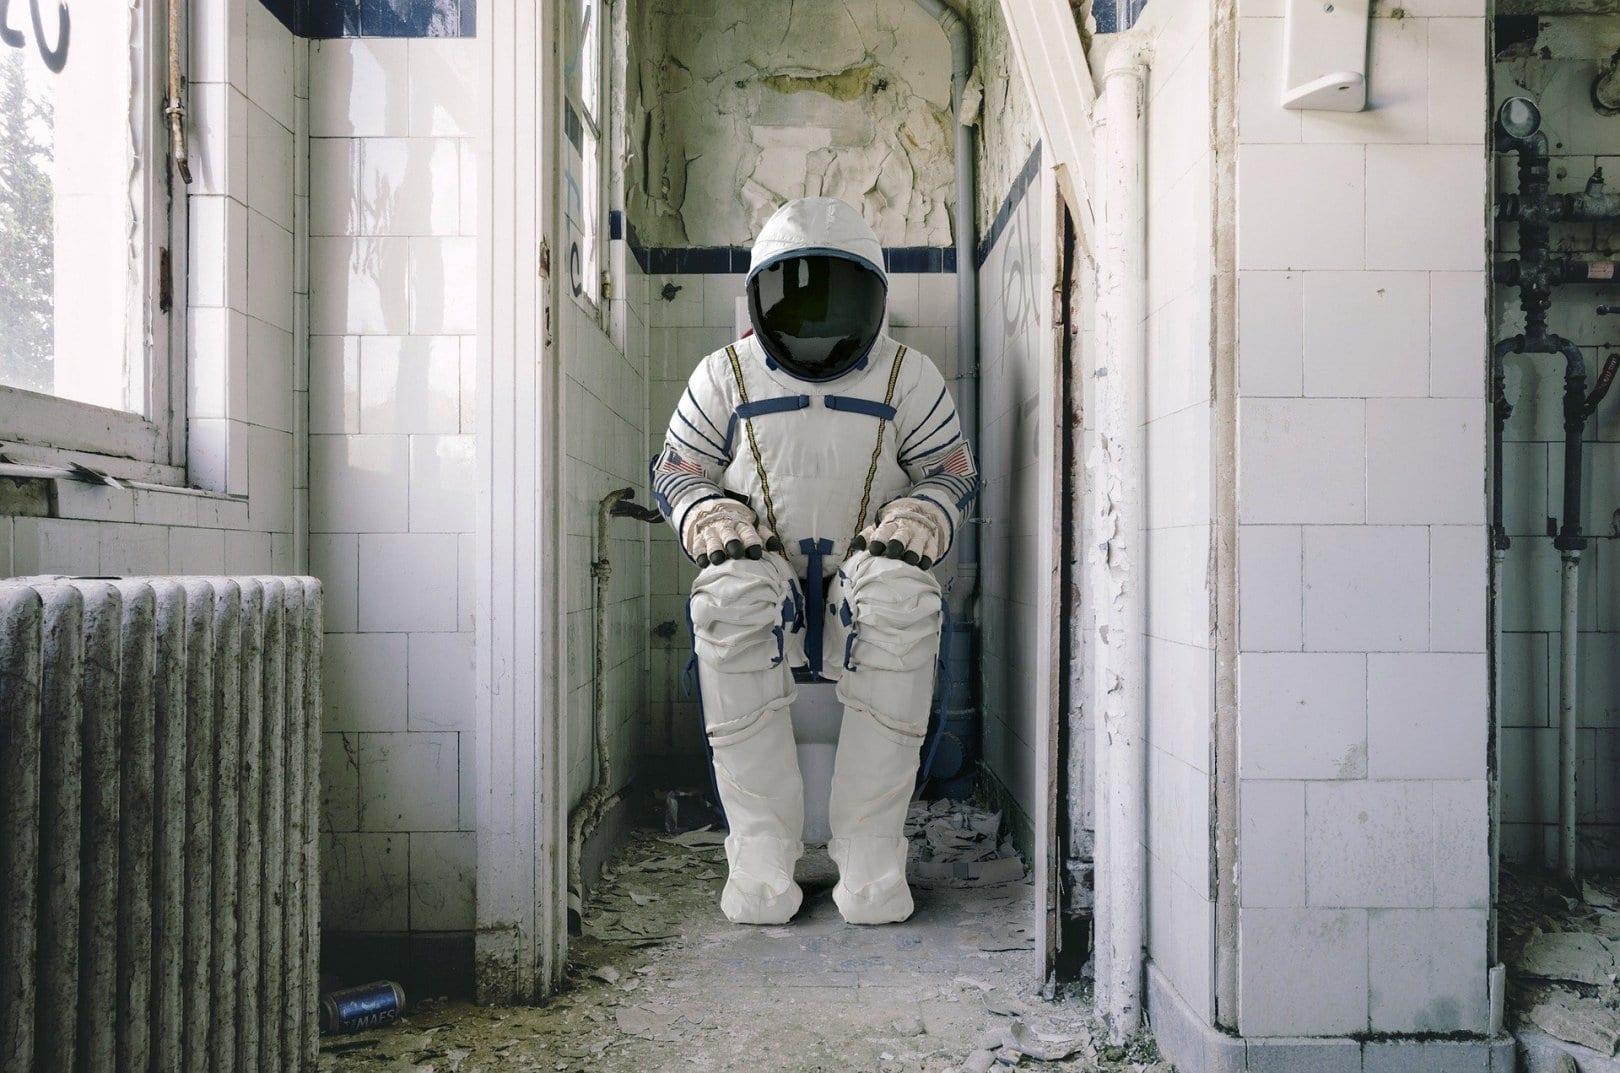 LA NASA VOUS OFFRE 35.000$ POUR CONCEVOIR SES TOILETTES DE L'ESPACE